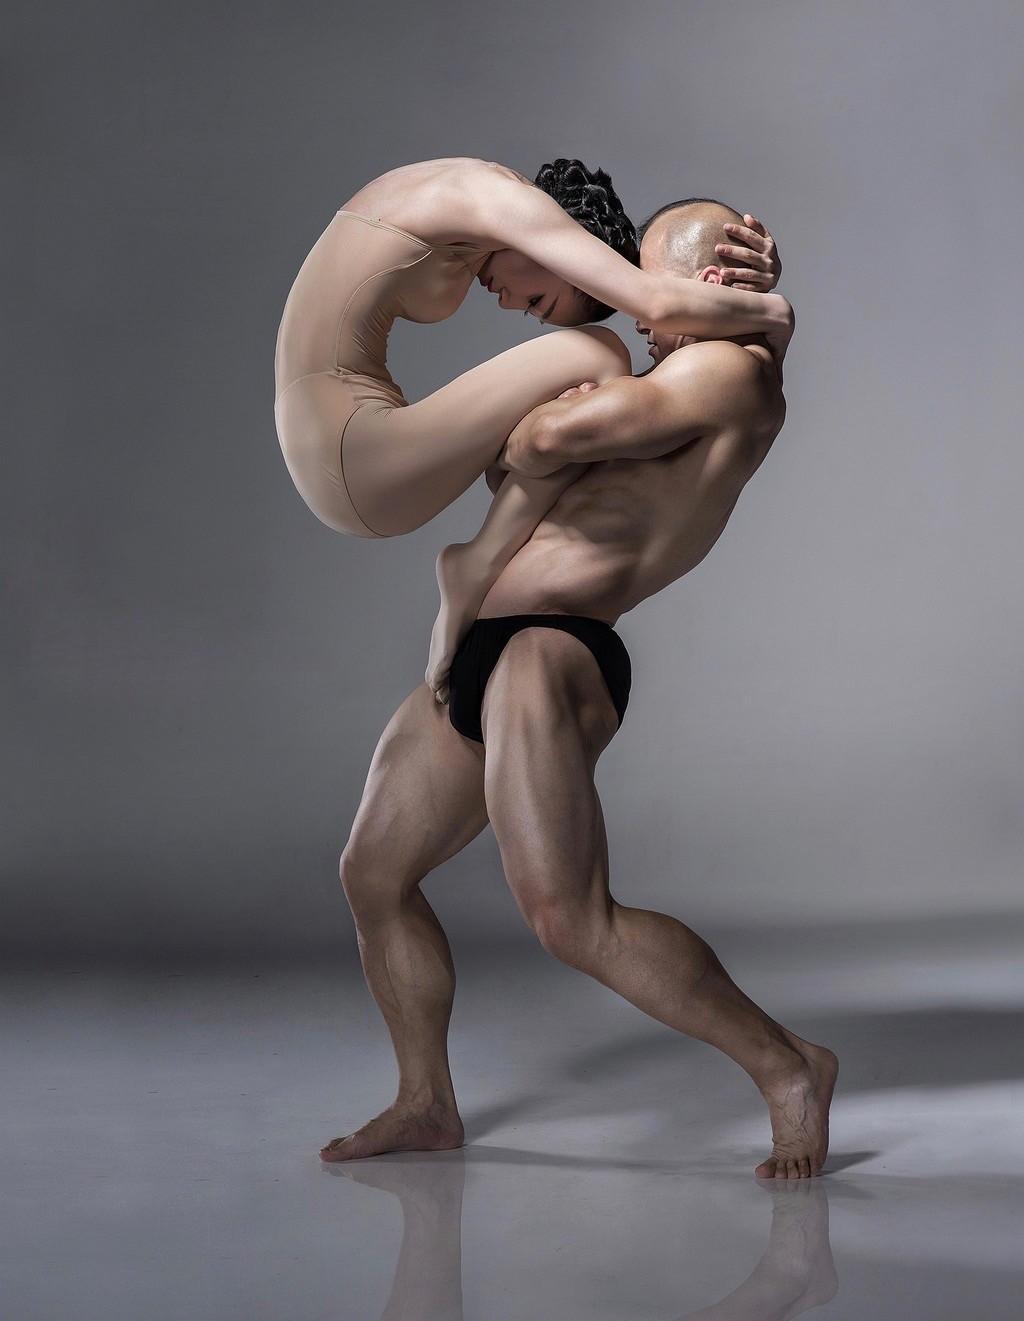 艺术的巅峰:柔与刚劲之间的动作配合 - 一统江山 - 一统江山的博客